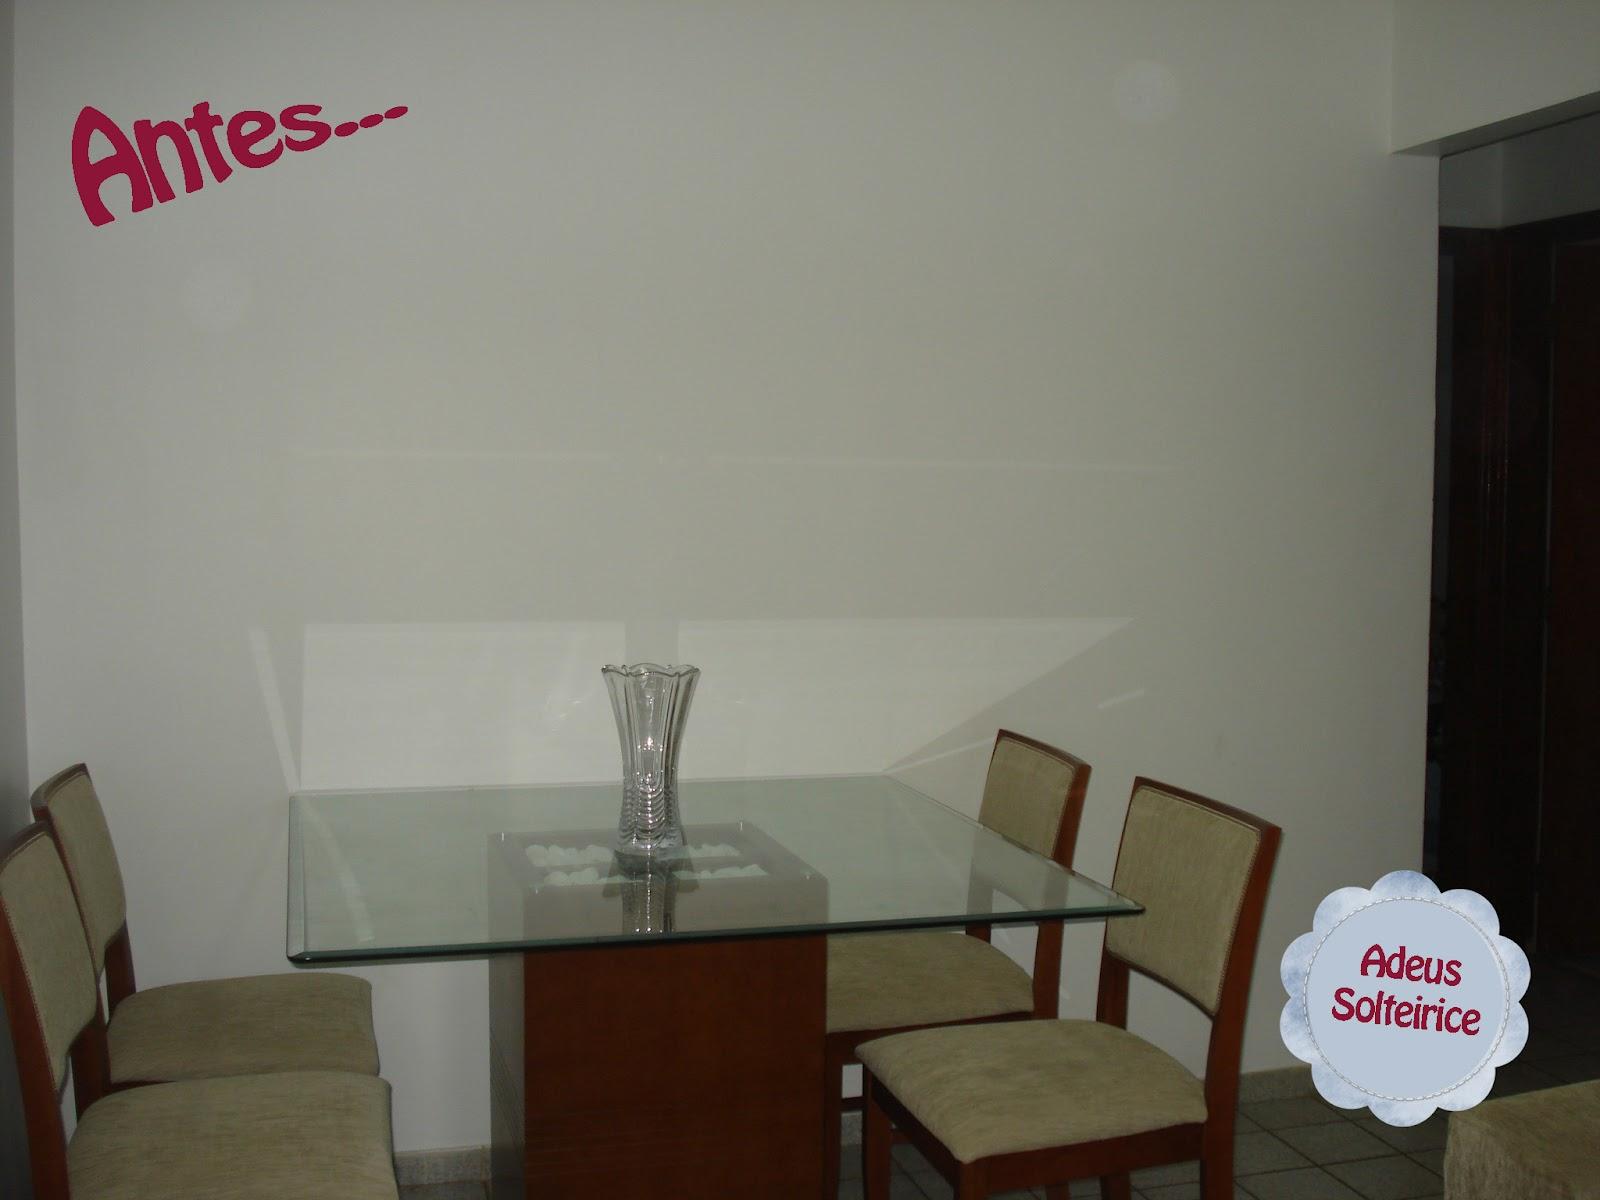 7 De Fevereiro De 2012 -> Parede Sala Listrada